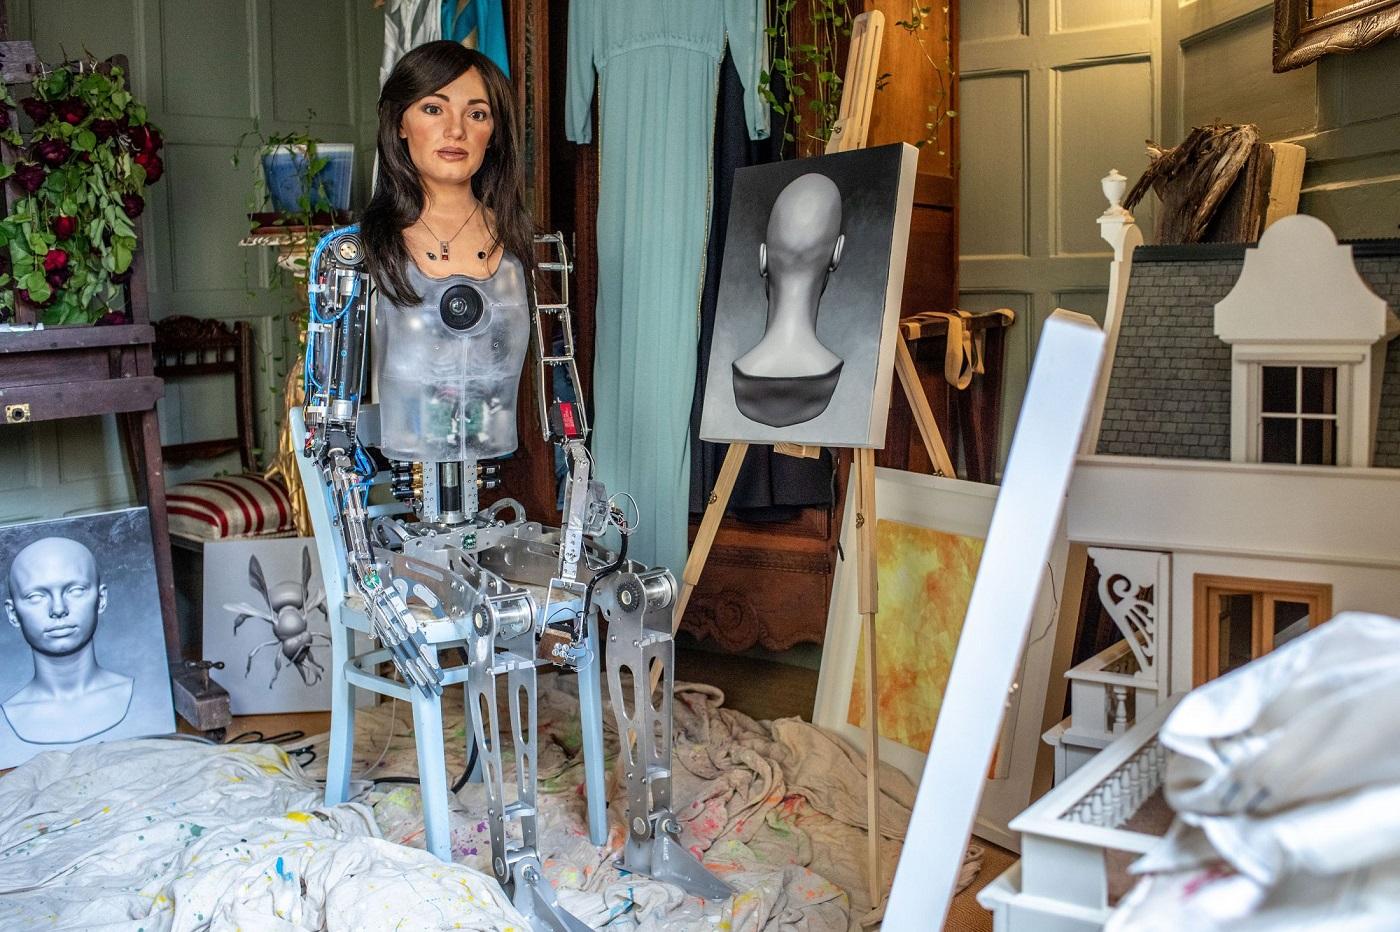 Ай-Да - первый в мире робот-художник, способный рисовать реалистичные портреты ea483e21d51c67b7df68e0c0f2b234e3eac6d8e4_2200.jpg